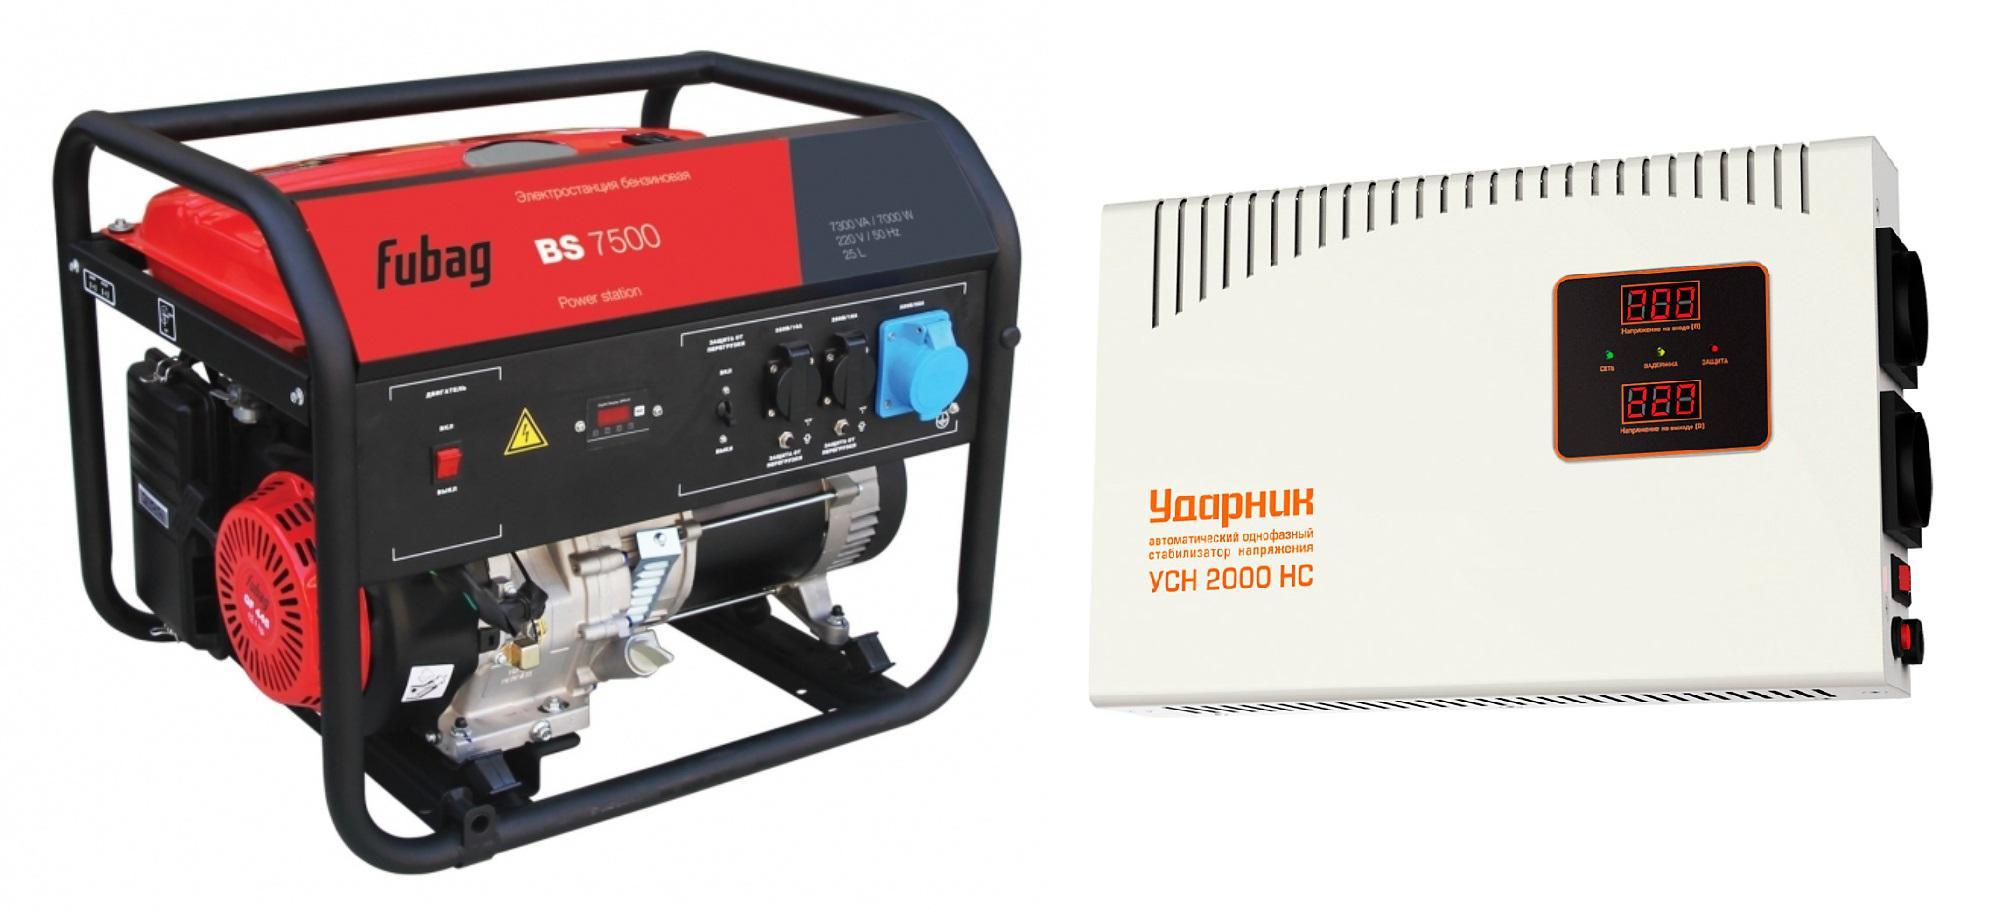 Набор Fubag Бензиновый генератор bs 7500 +Стабилизатор напряжения УСН 2000 НС бензиновый генератор fubag bs 2200